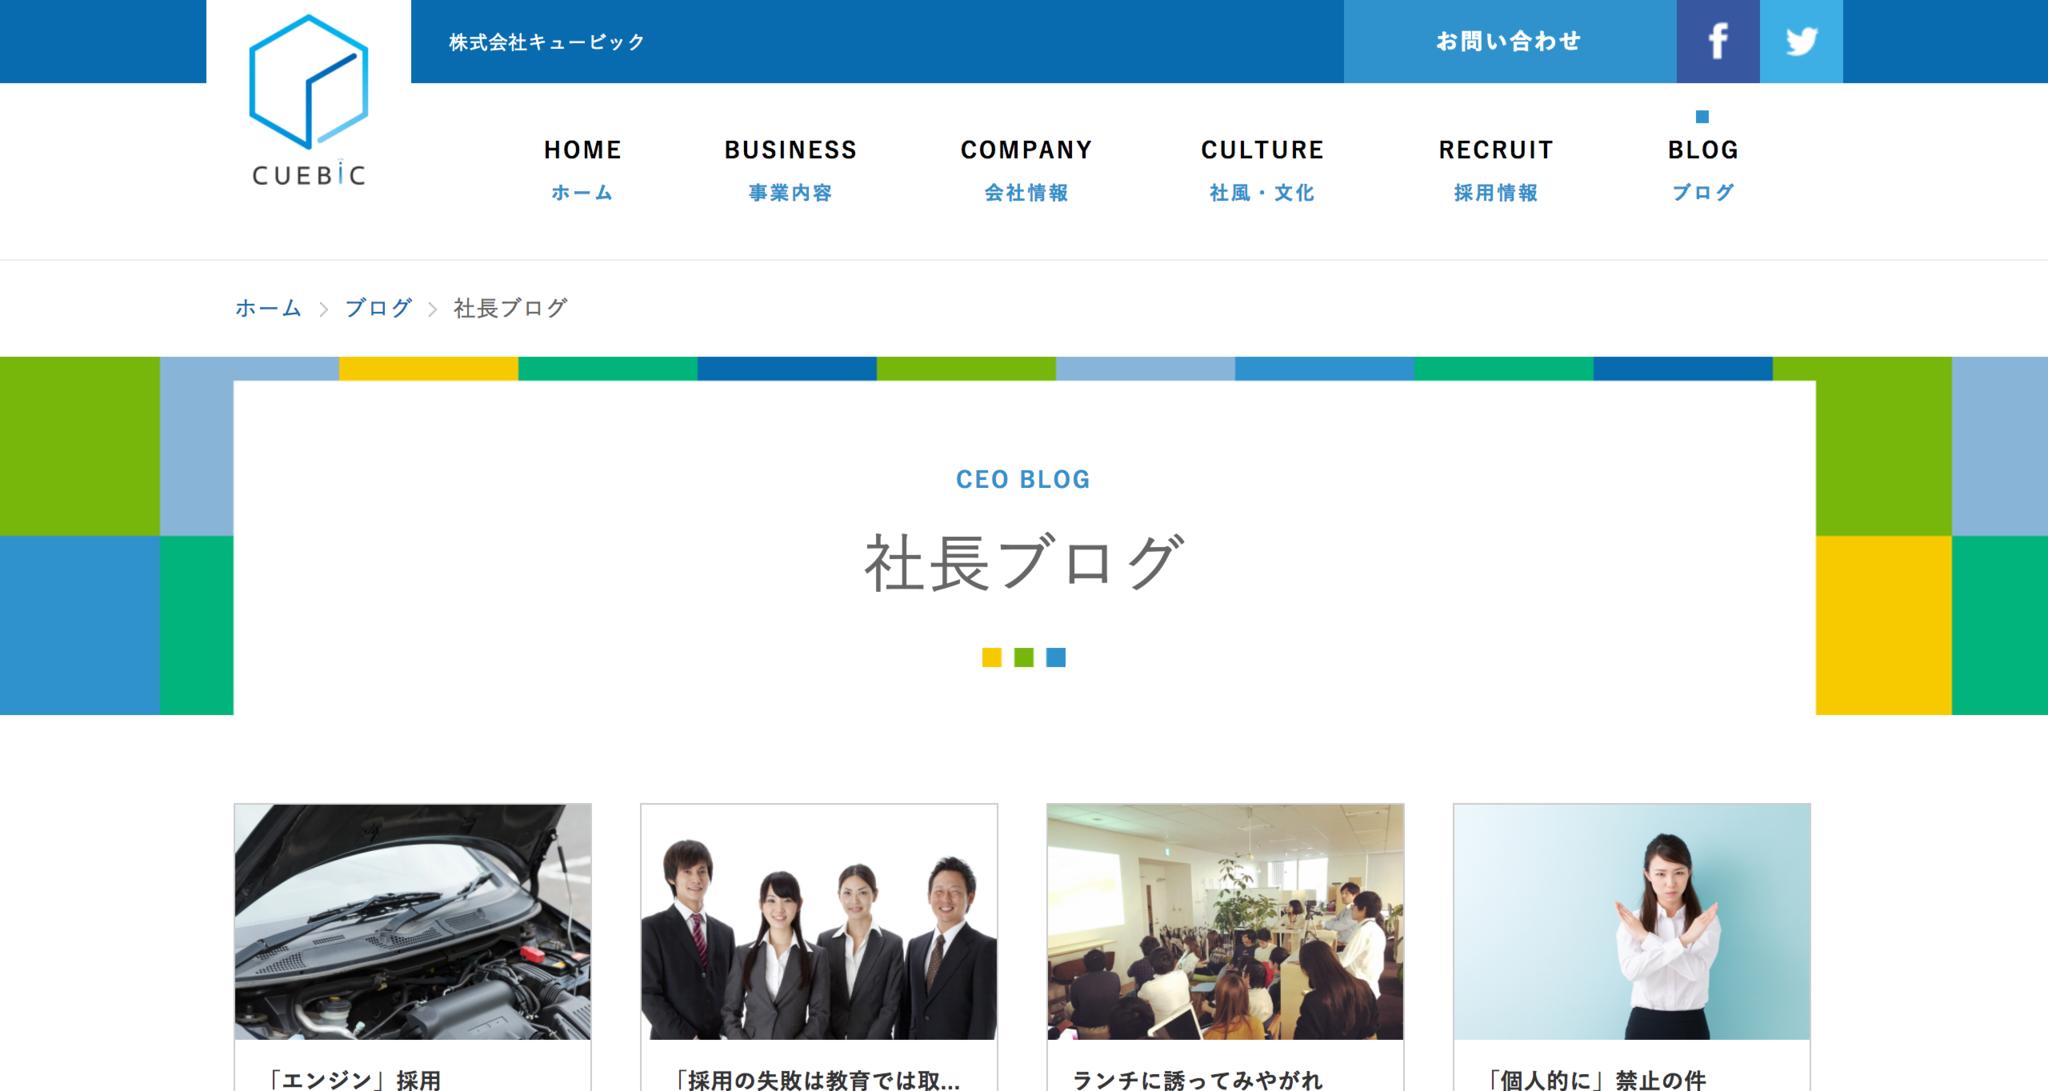 社長ブログ___株式会社キュービック.png